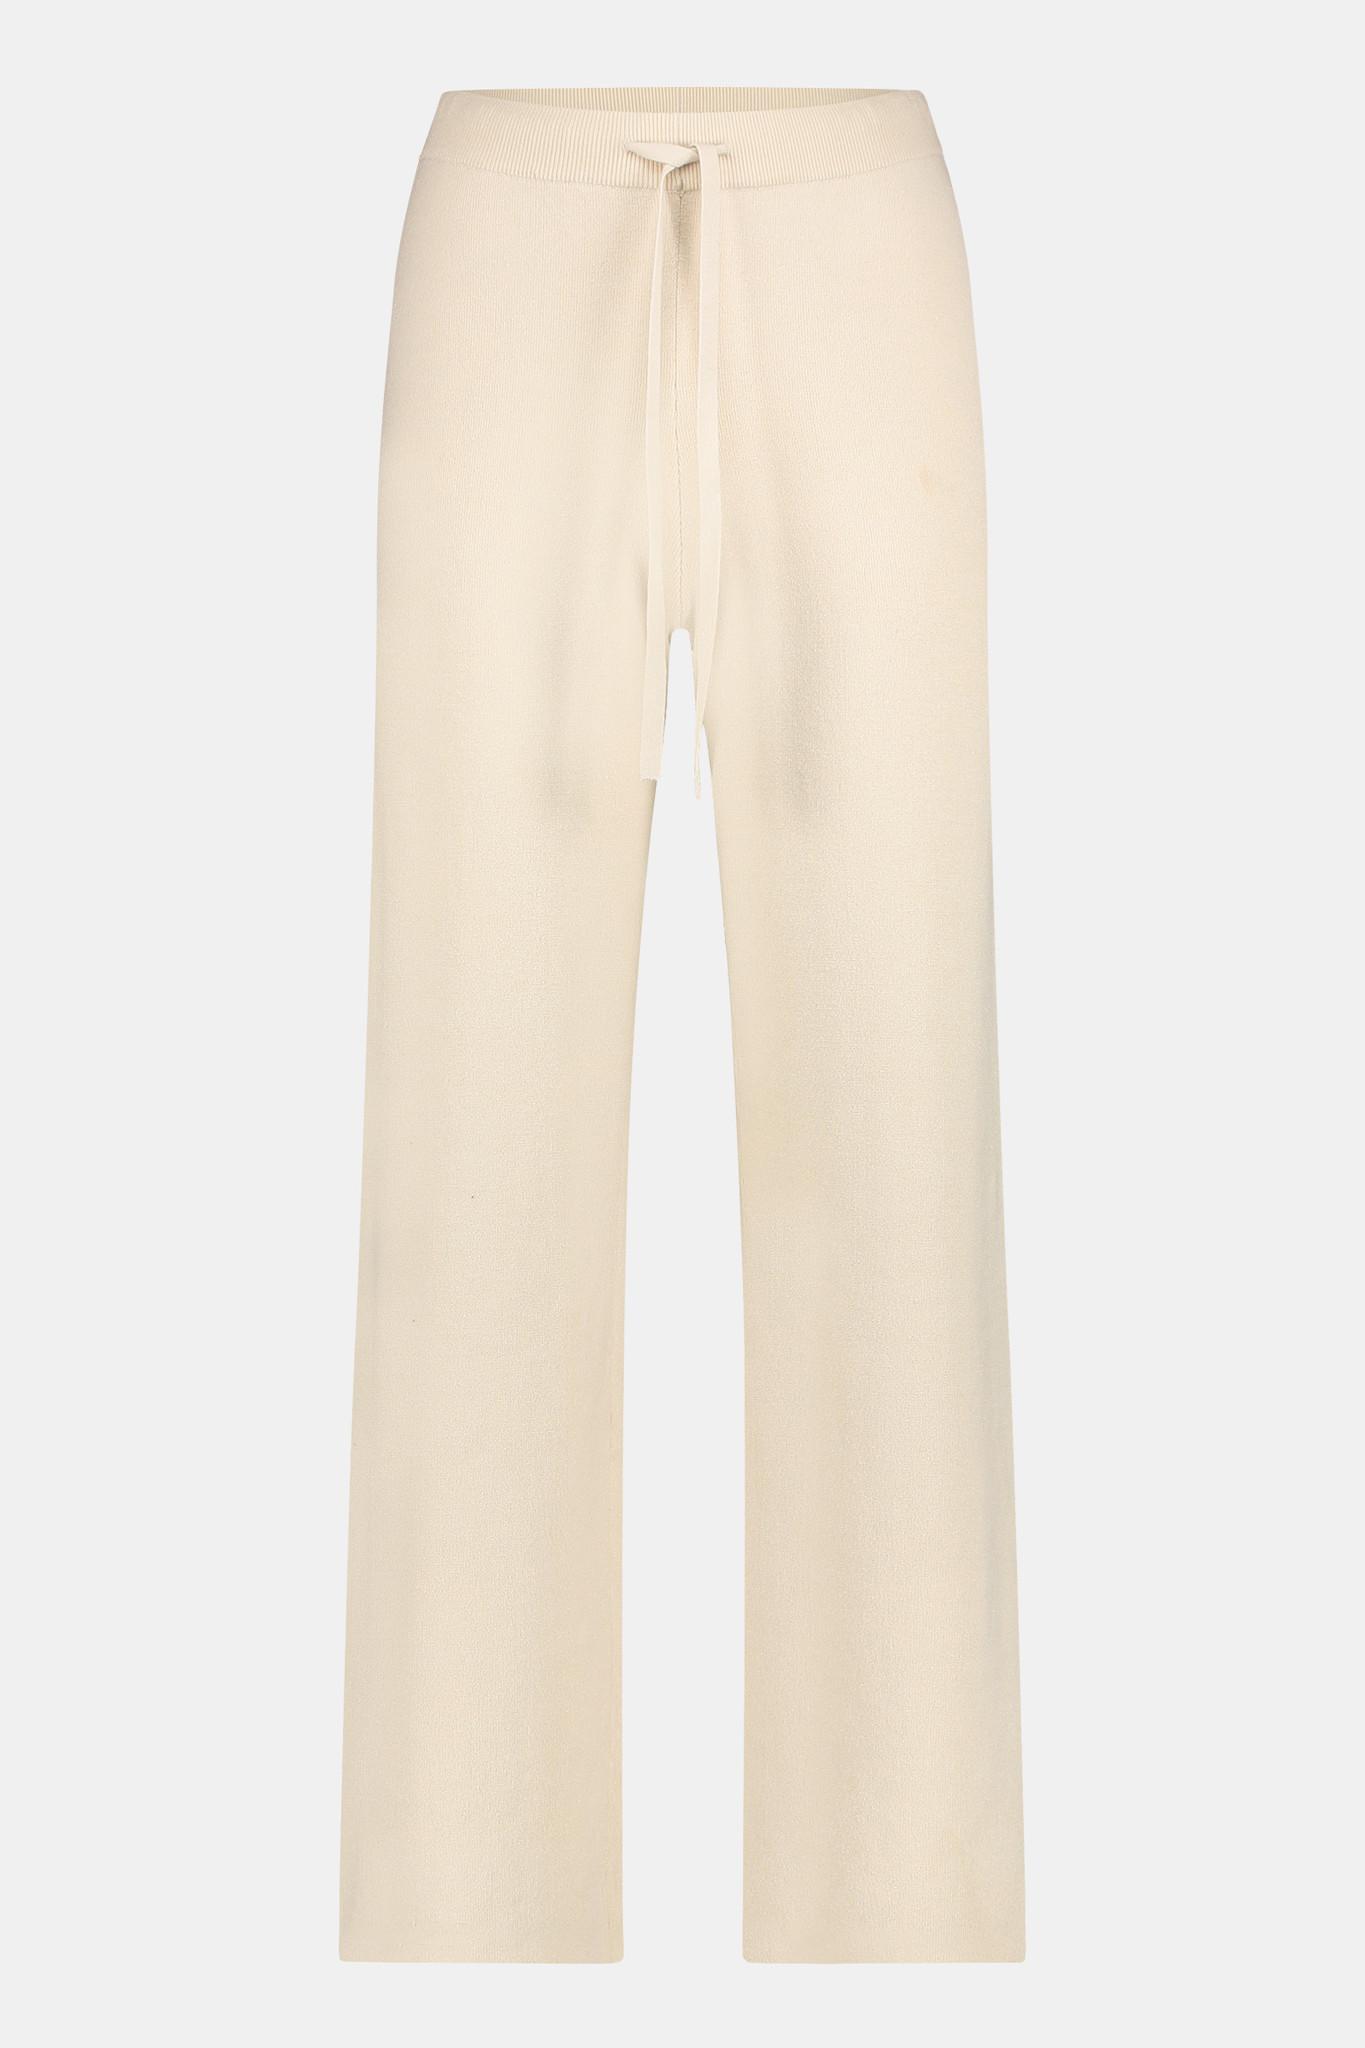 Penn & Ink Trousers W21B121-03-1